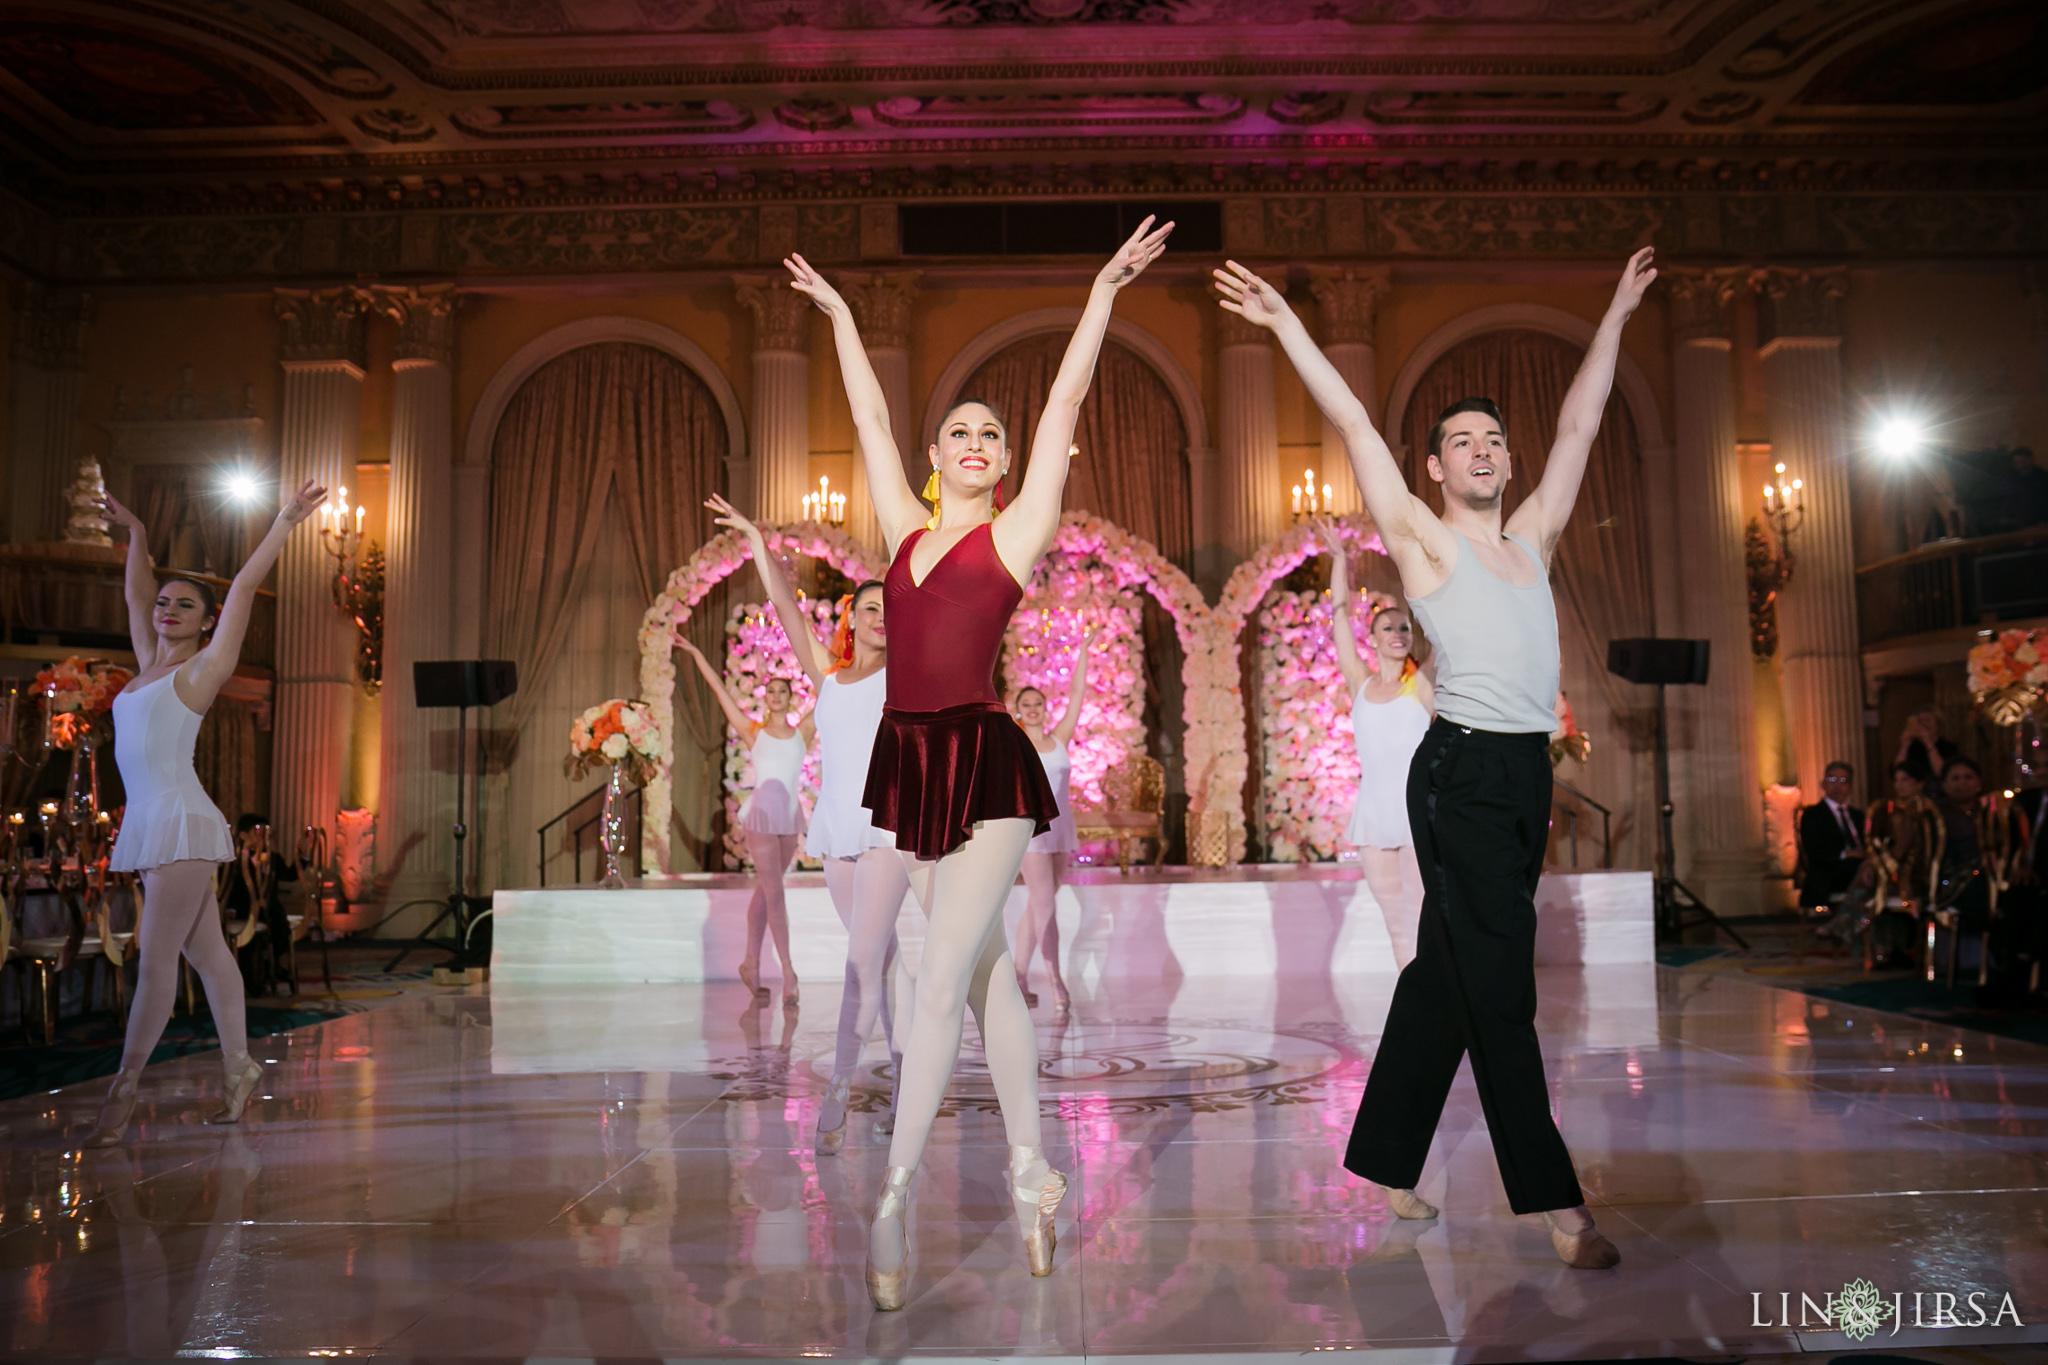 18-biltmore-hotel-los-angeles-wedding-reception-photography